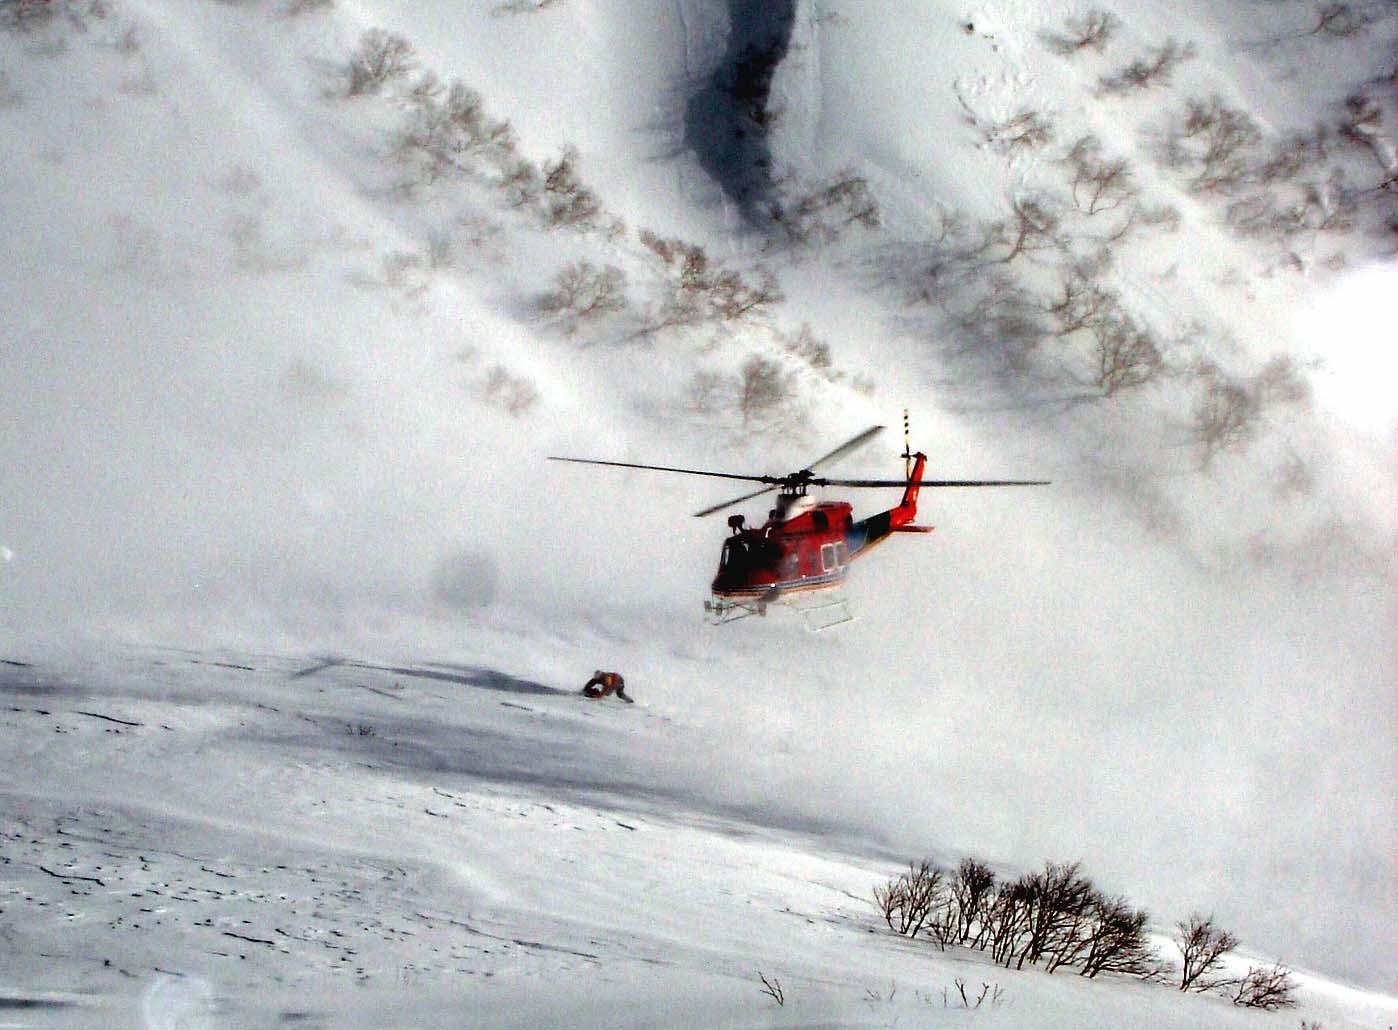 強風下、雪面へ近づくヘリ②から飛び降りる救助隊員★